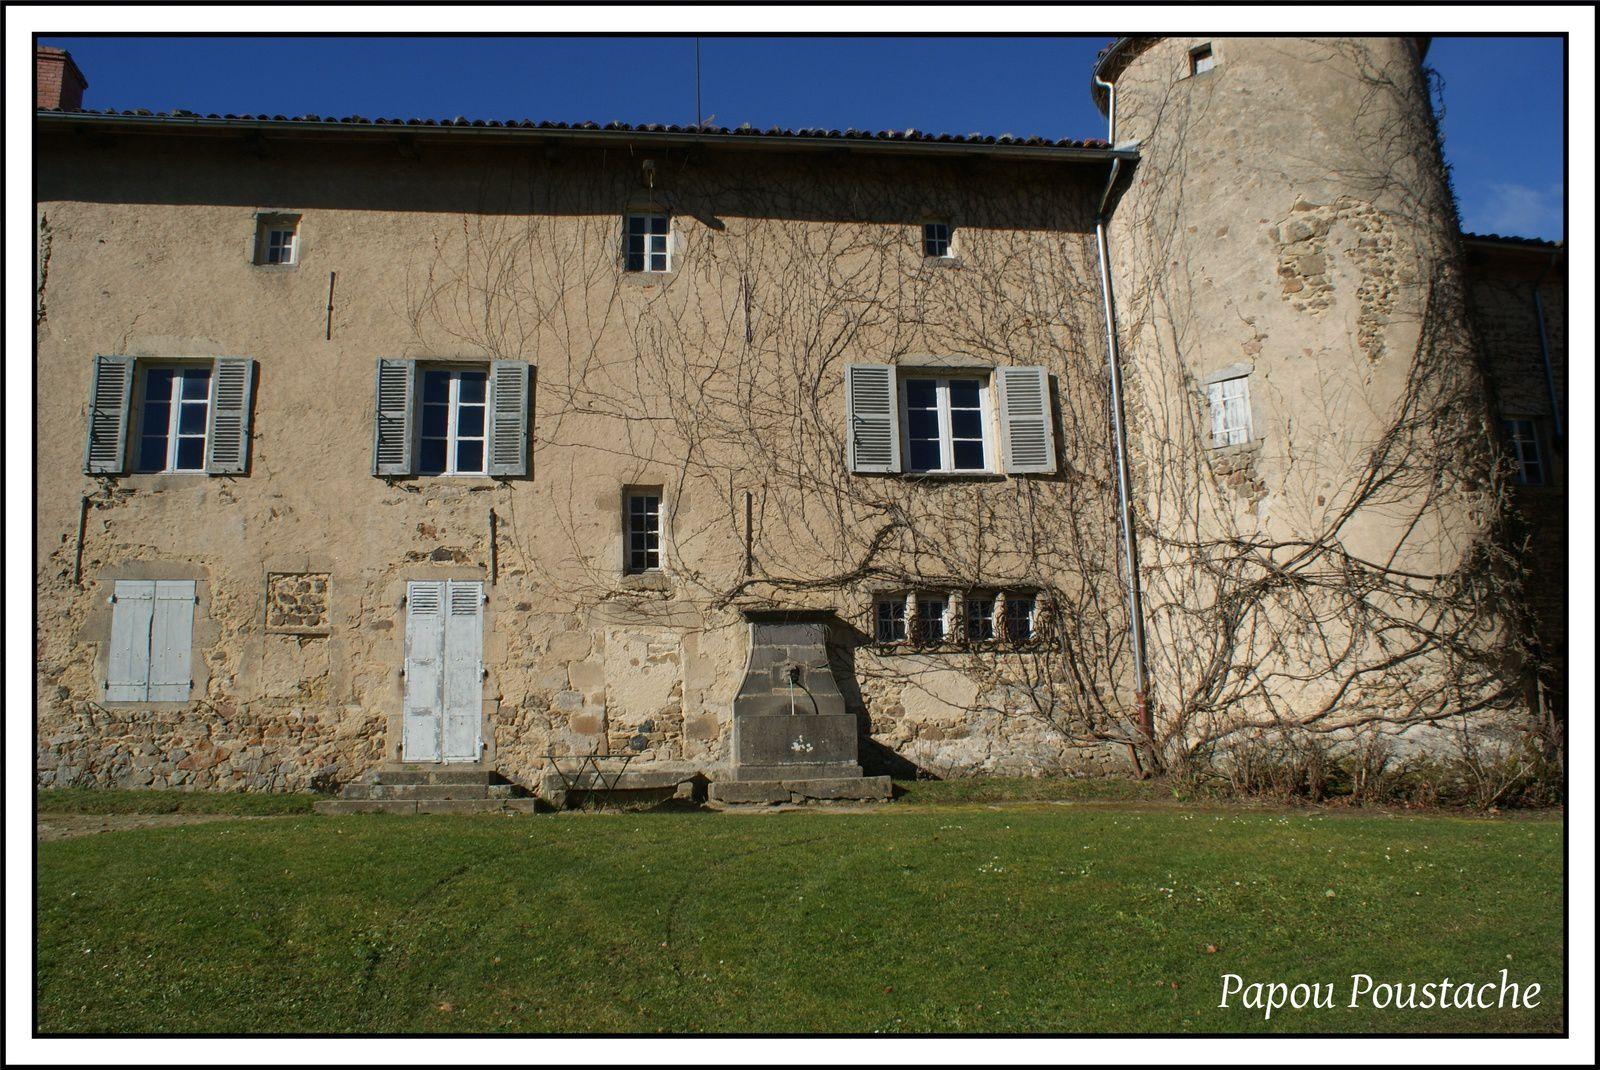 Patrimoine auvergnat: Le chateau de Meydat à Condat lès Montboissiers